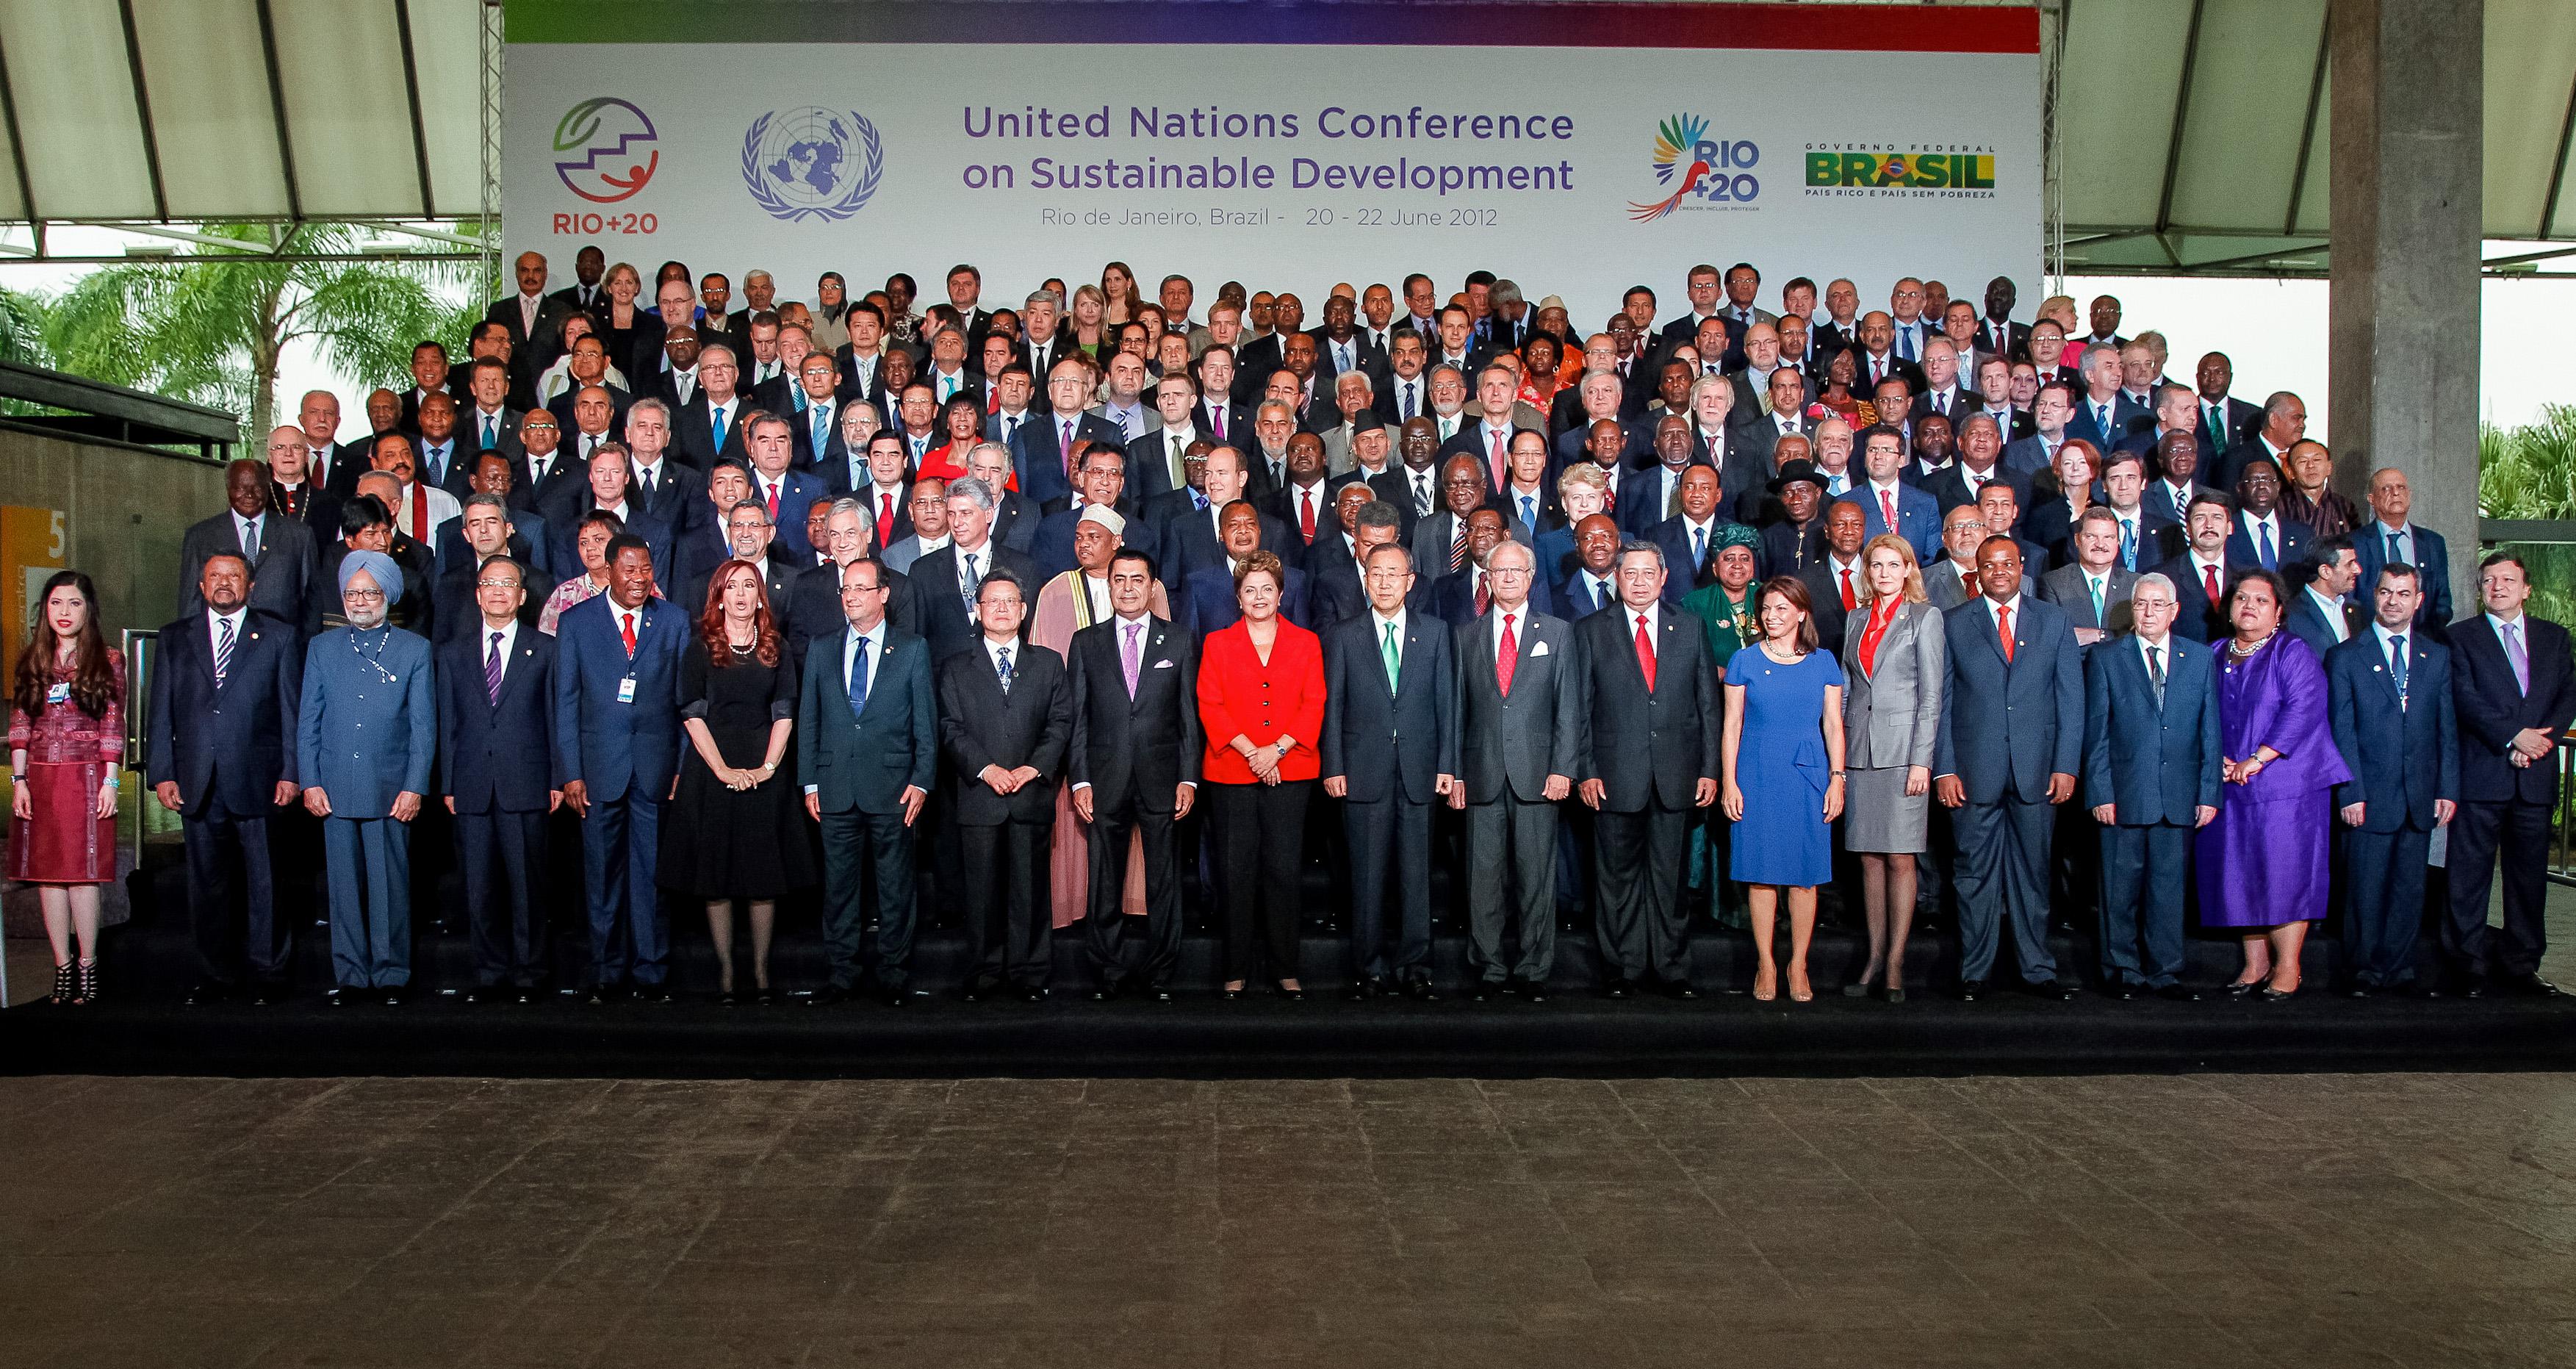 Rio de Janeiro - RJ, 20/06/2012. Presidenta Dilma Rousseff posa para foto oficial da Conferência das Nações Unidas sobre Desenvolvimento Sustentável (Rio+20). Foto: Roberto Stuckert Filho/PR